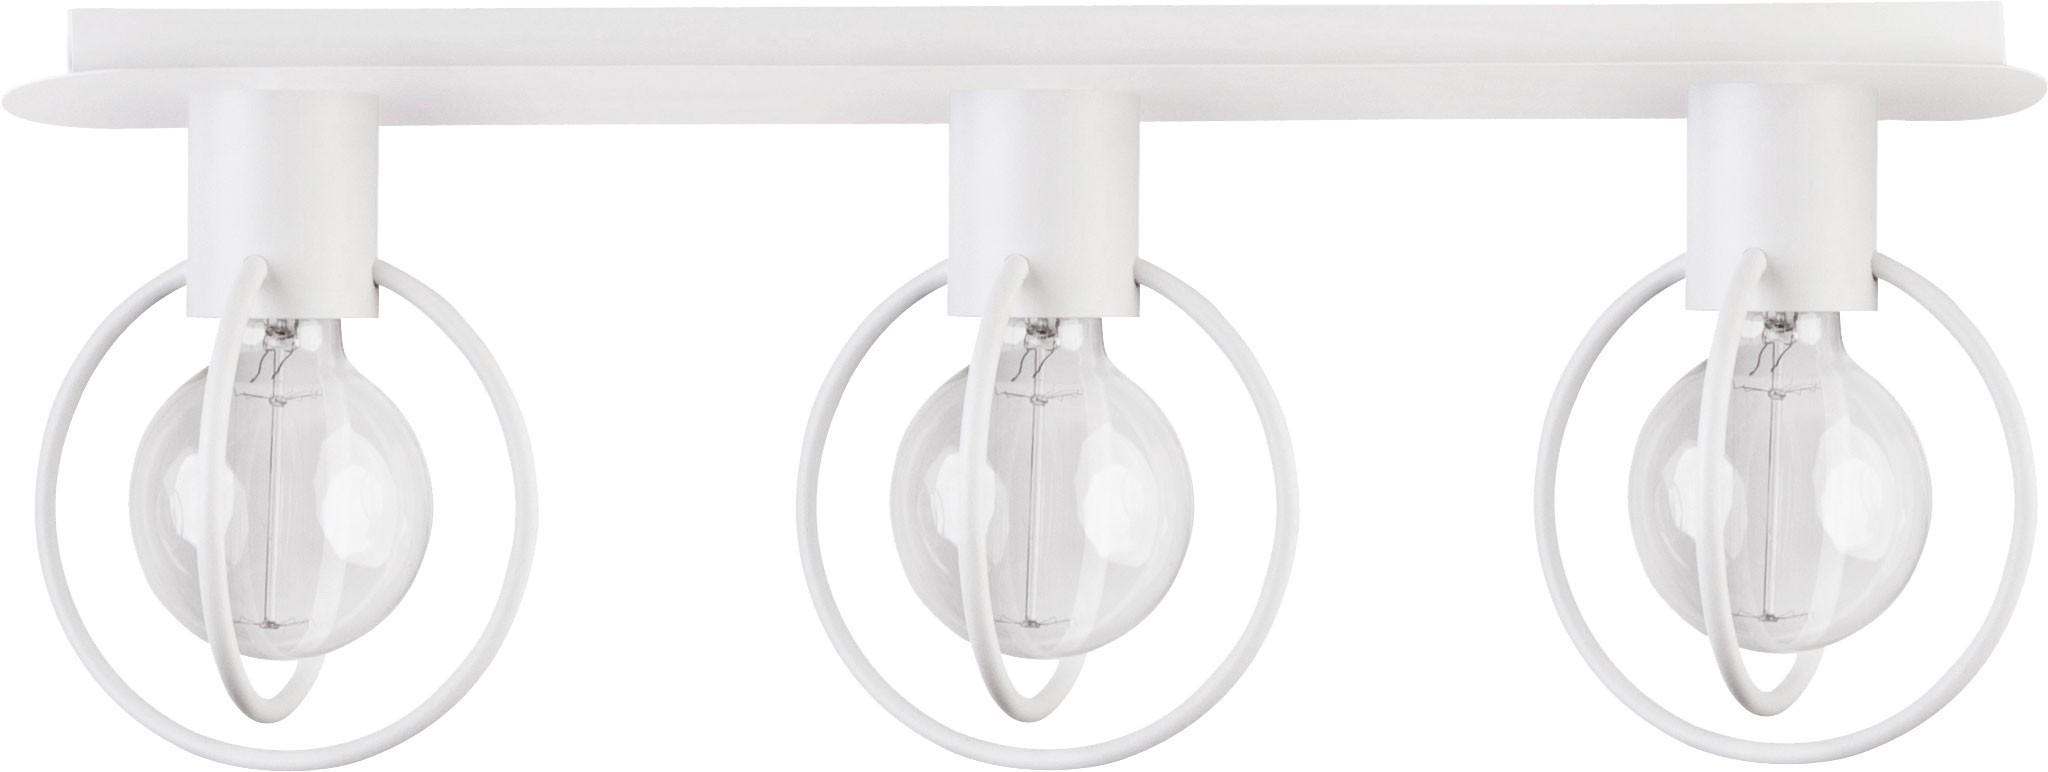 Lampa sufitowa Aura koło 3 biała mat 31104 - Sigma Do -17% rabatu w koszyku i darmowa dostawa od 299zł !